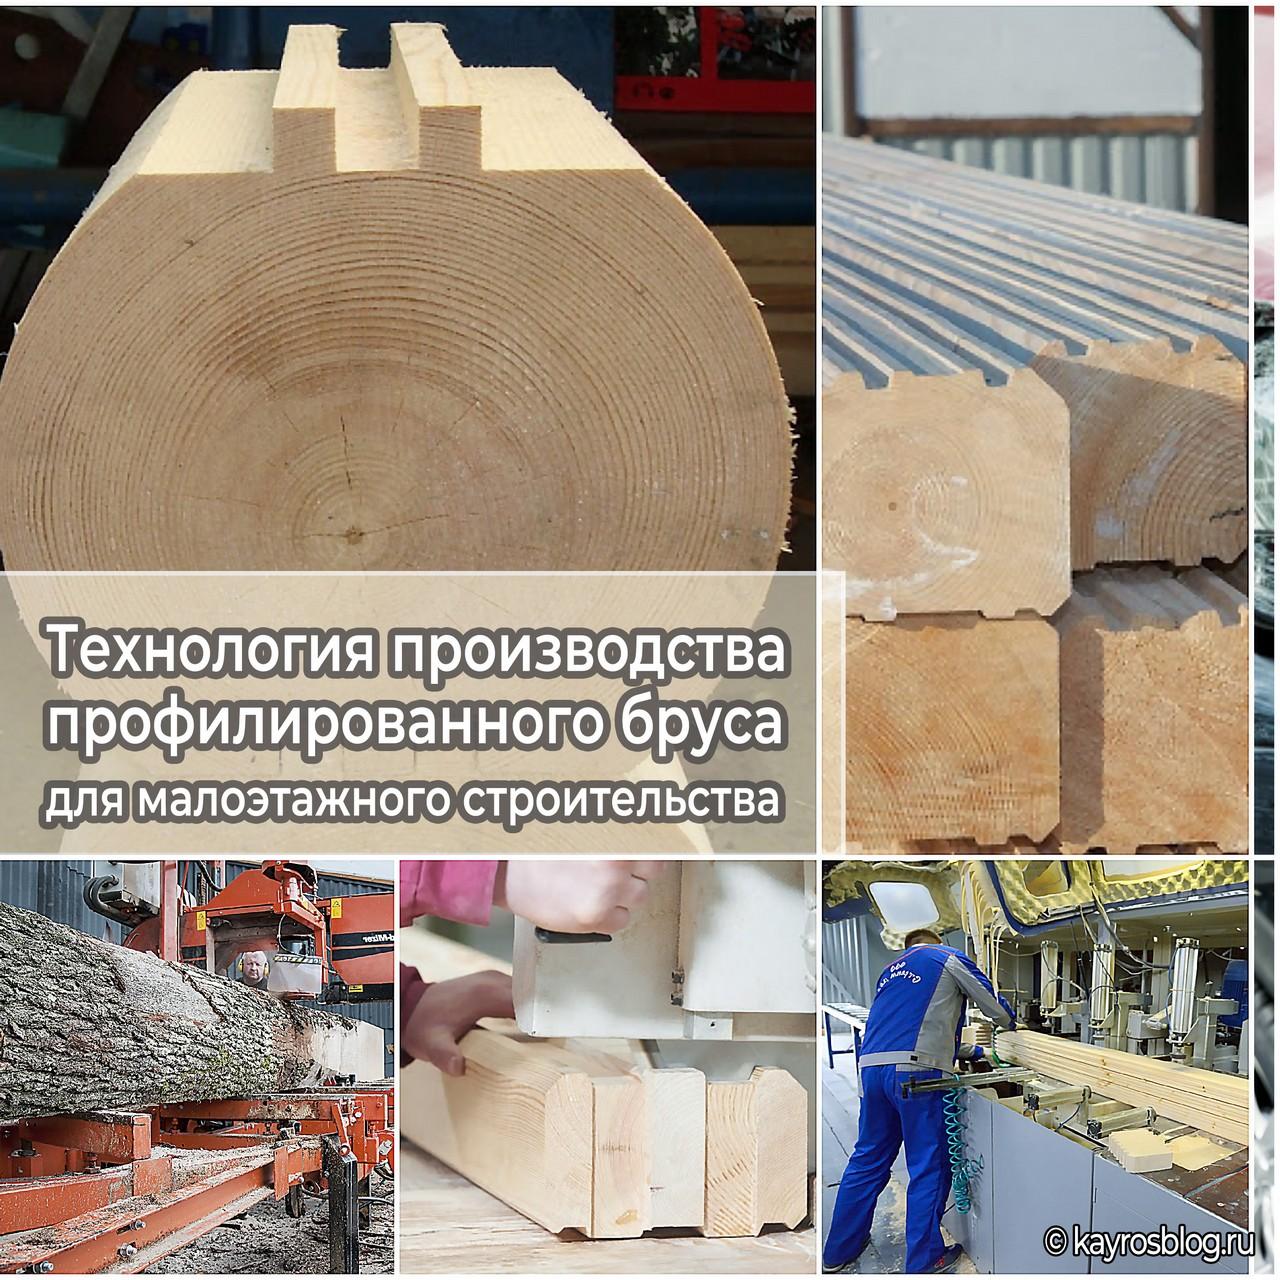 Технология производства профилированного бруса для малоэтажного строительства